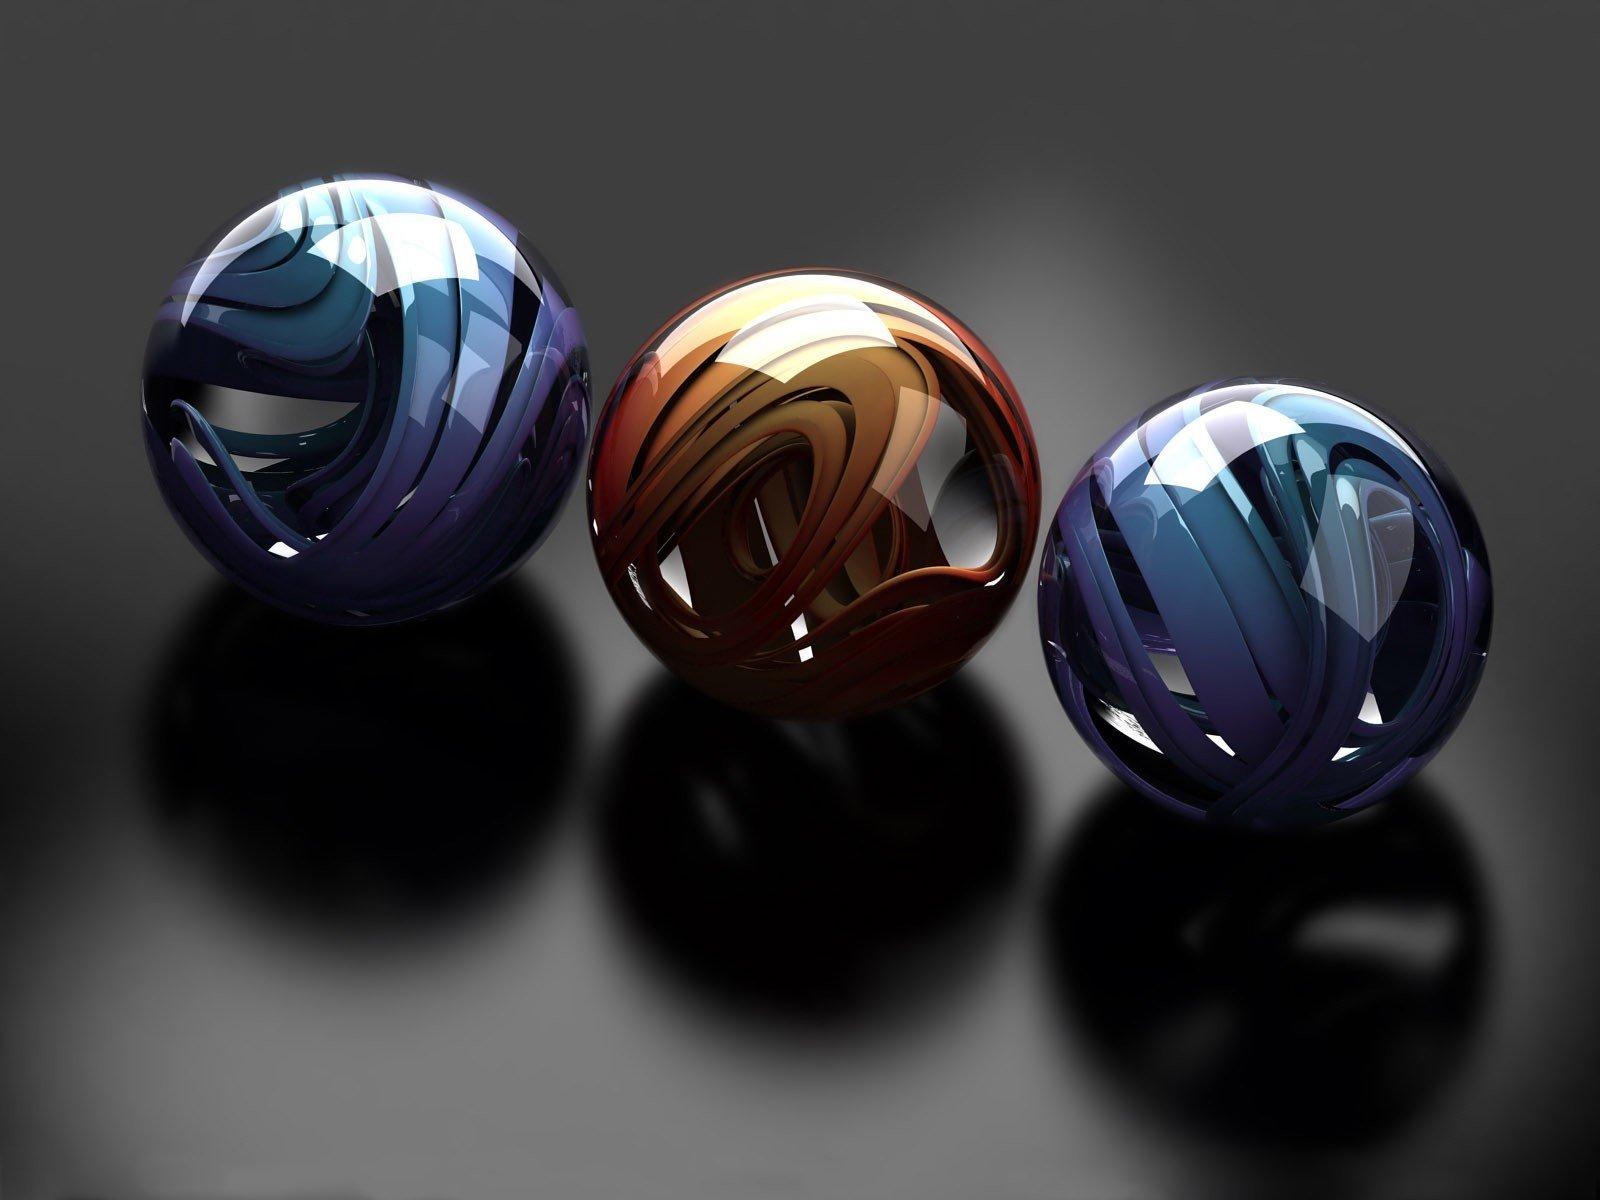 Хромированые шары  № 3336039  скачать